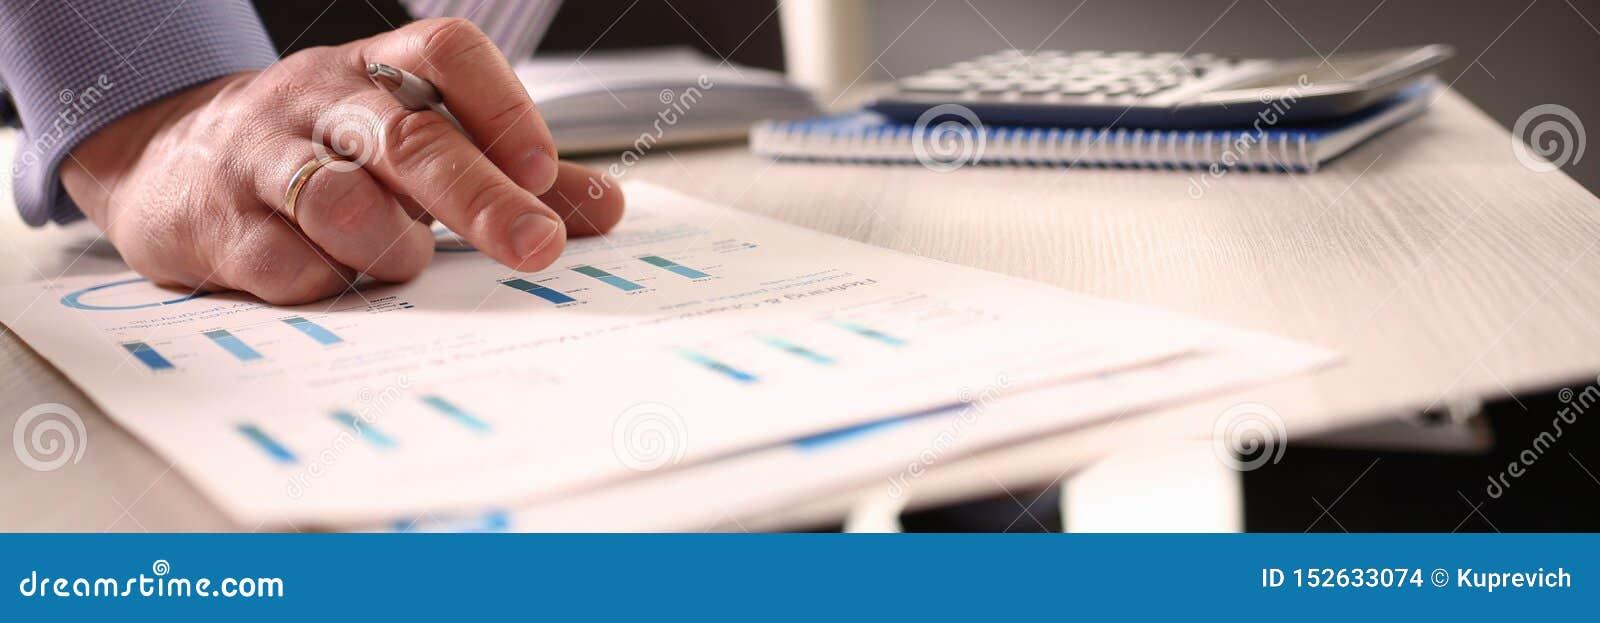 Buchhalter Calculate Tax Invoice unter Verwendung des Taschenrechners